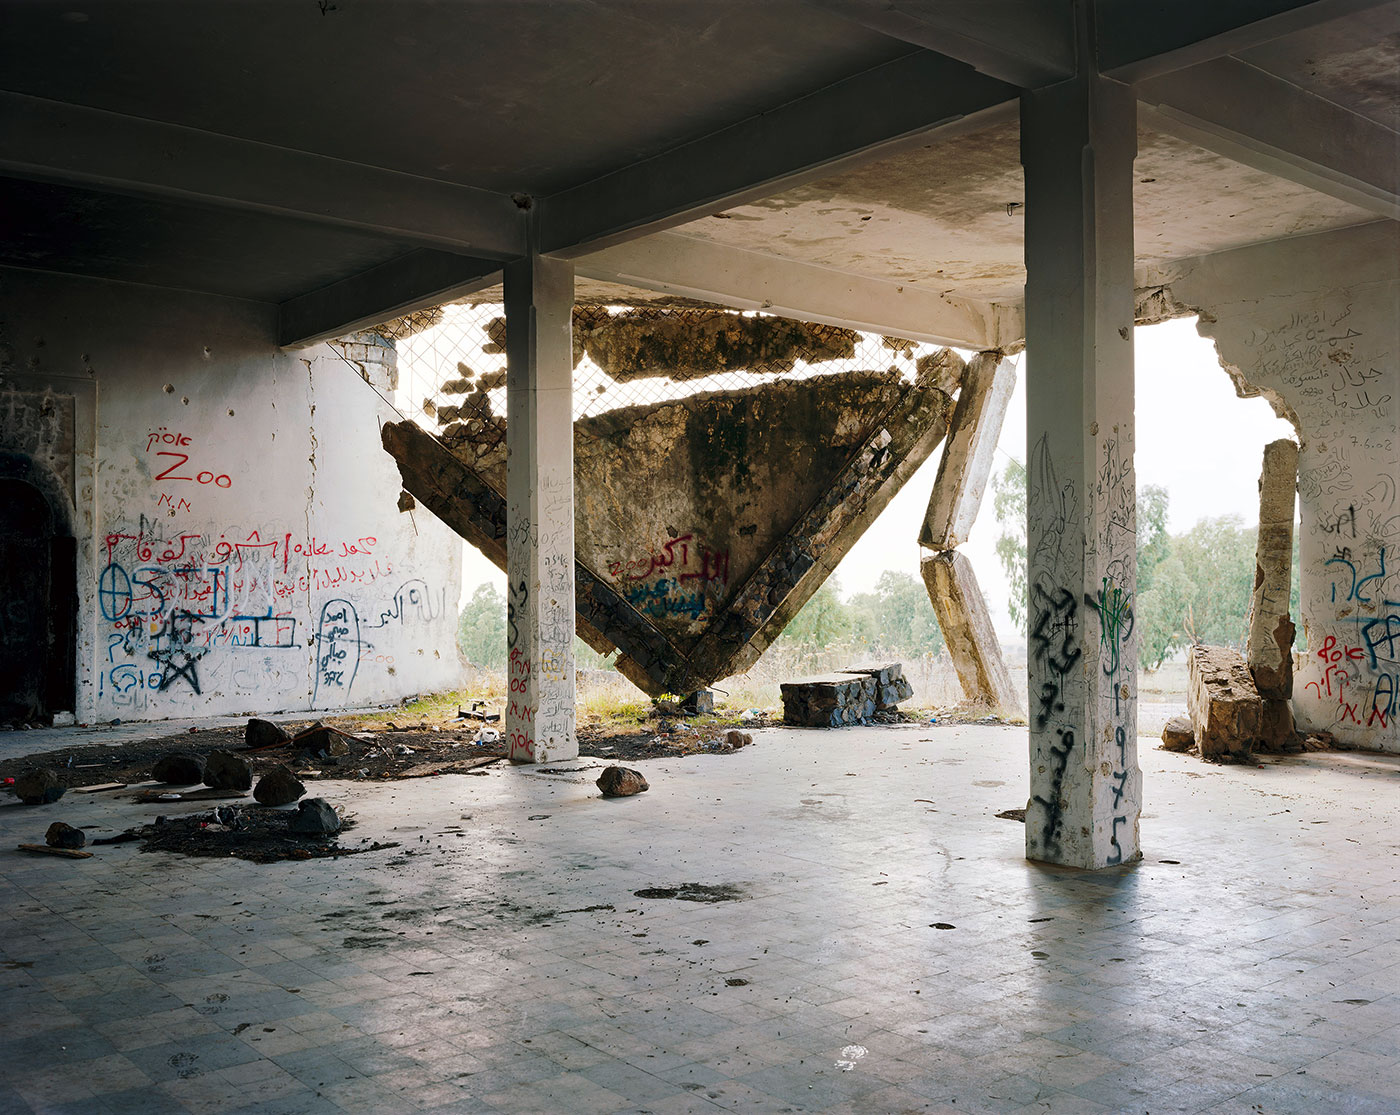 """Thomas Struth, """"Hushniya, Golan Heights"""" (2011), inkjet print, 118.3 x 146.3 cm (© Thomas Struth)"""